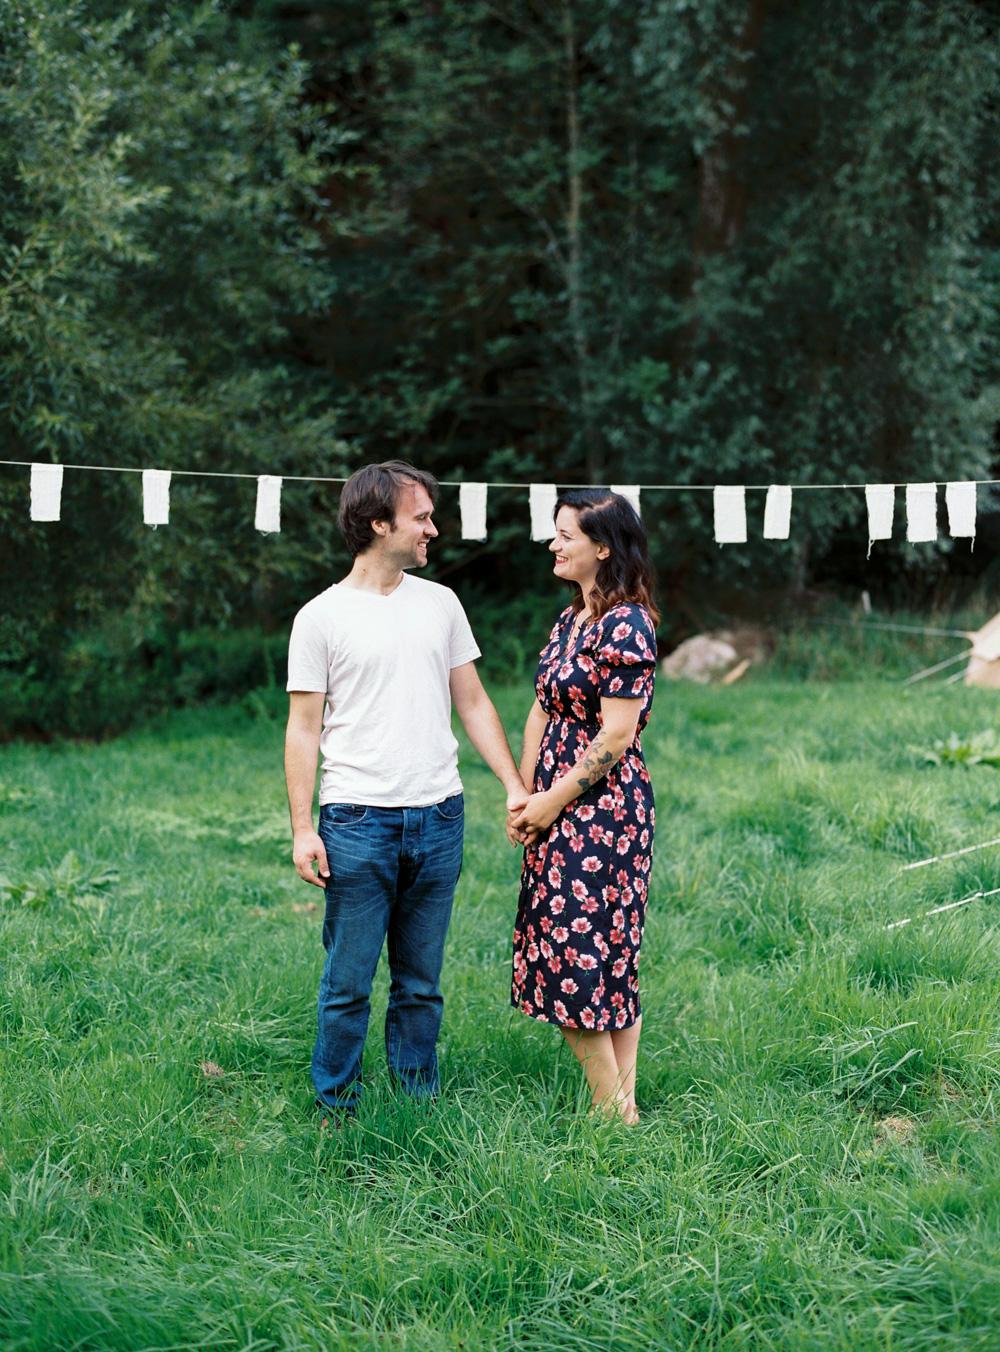 camp sol wedding weekend - wesley nulens-23.jpg